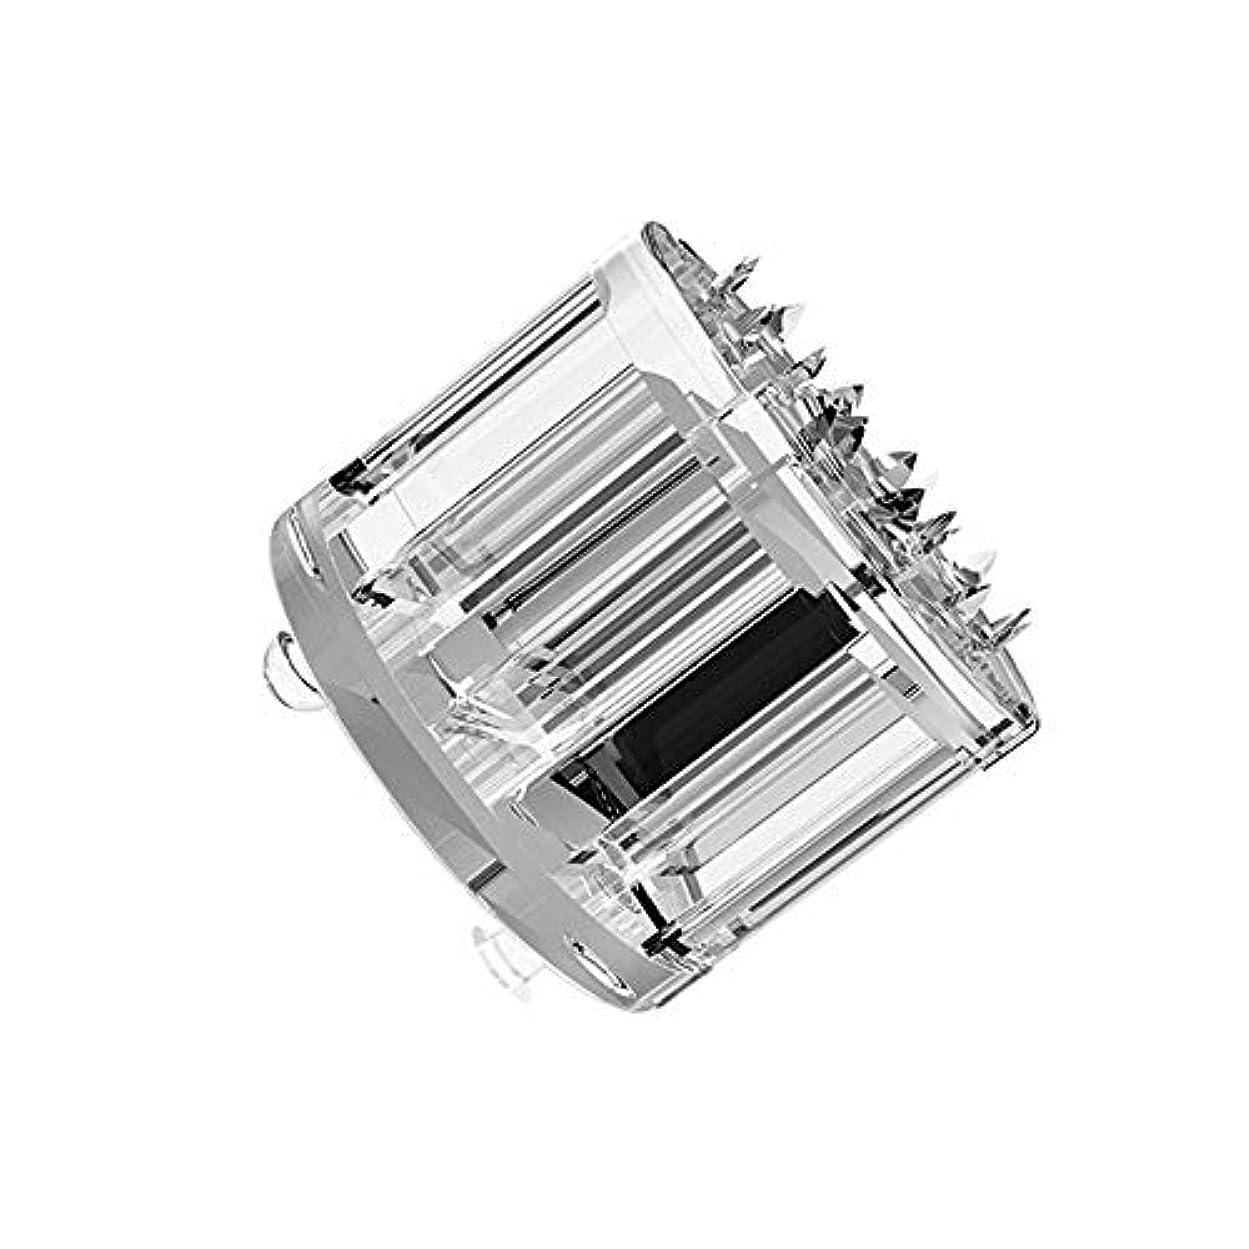 迷惑不機嫌レプリカMTS Home Care Micro pin-10ea (ticktok用) ティク ホームケア マイクロピン 化粧品の浸透 コラーゲン 肌の弾力 アップ マイクロピン 毛穴や小じわ 角質ケア